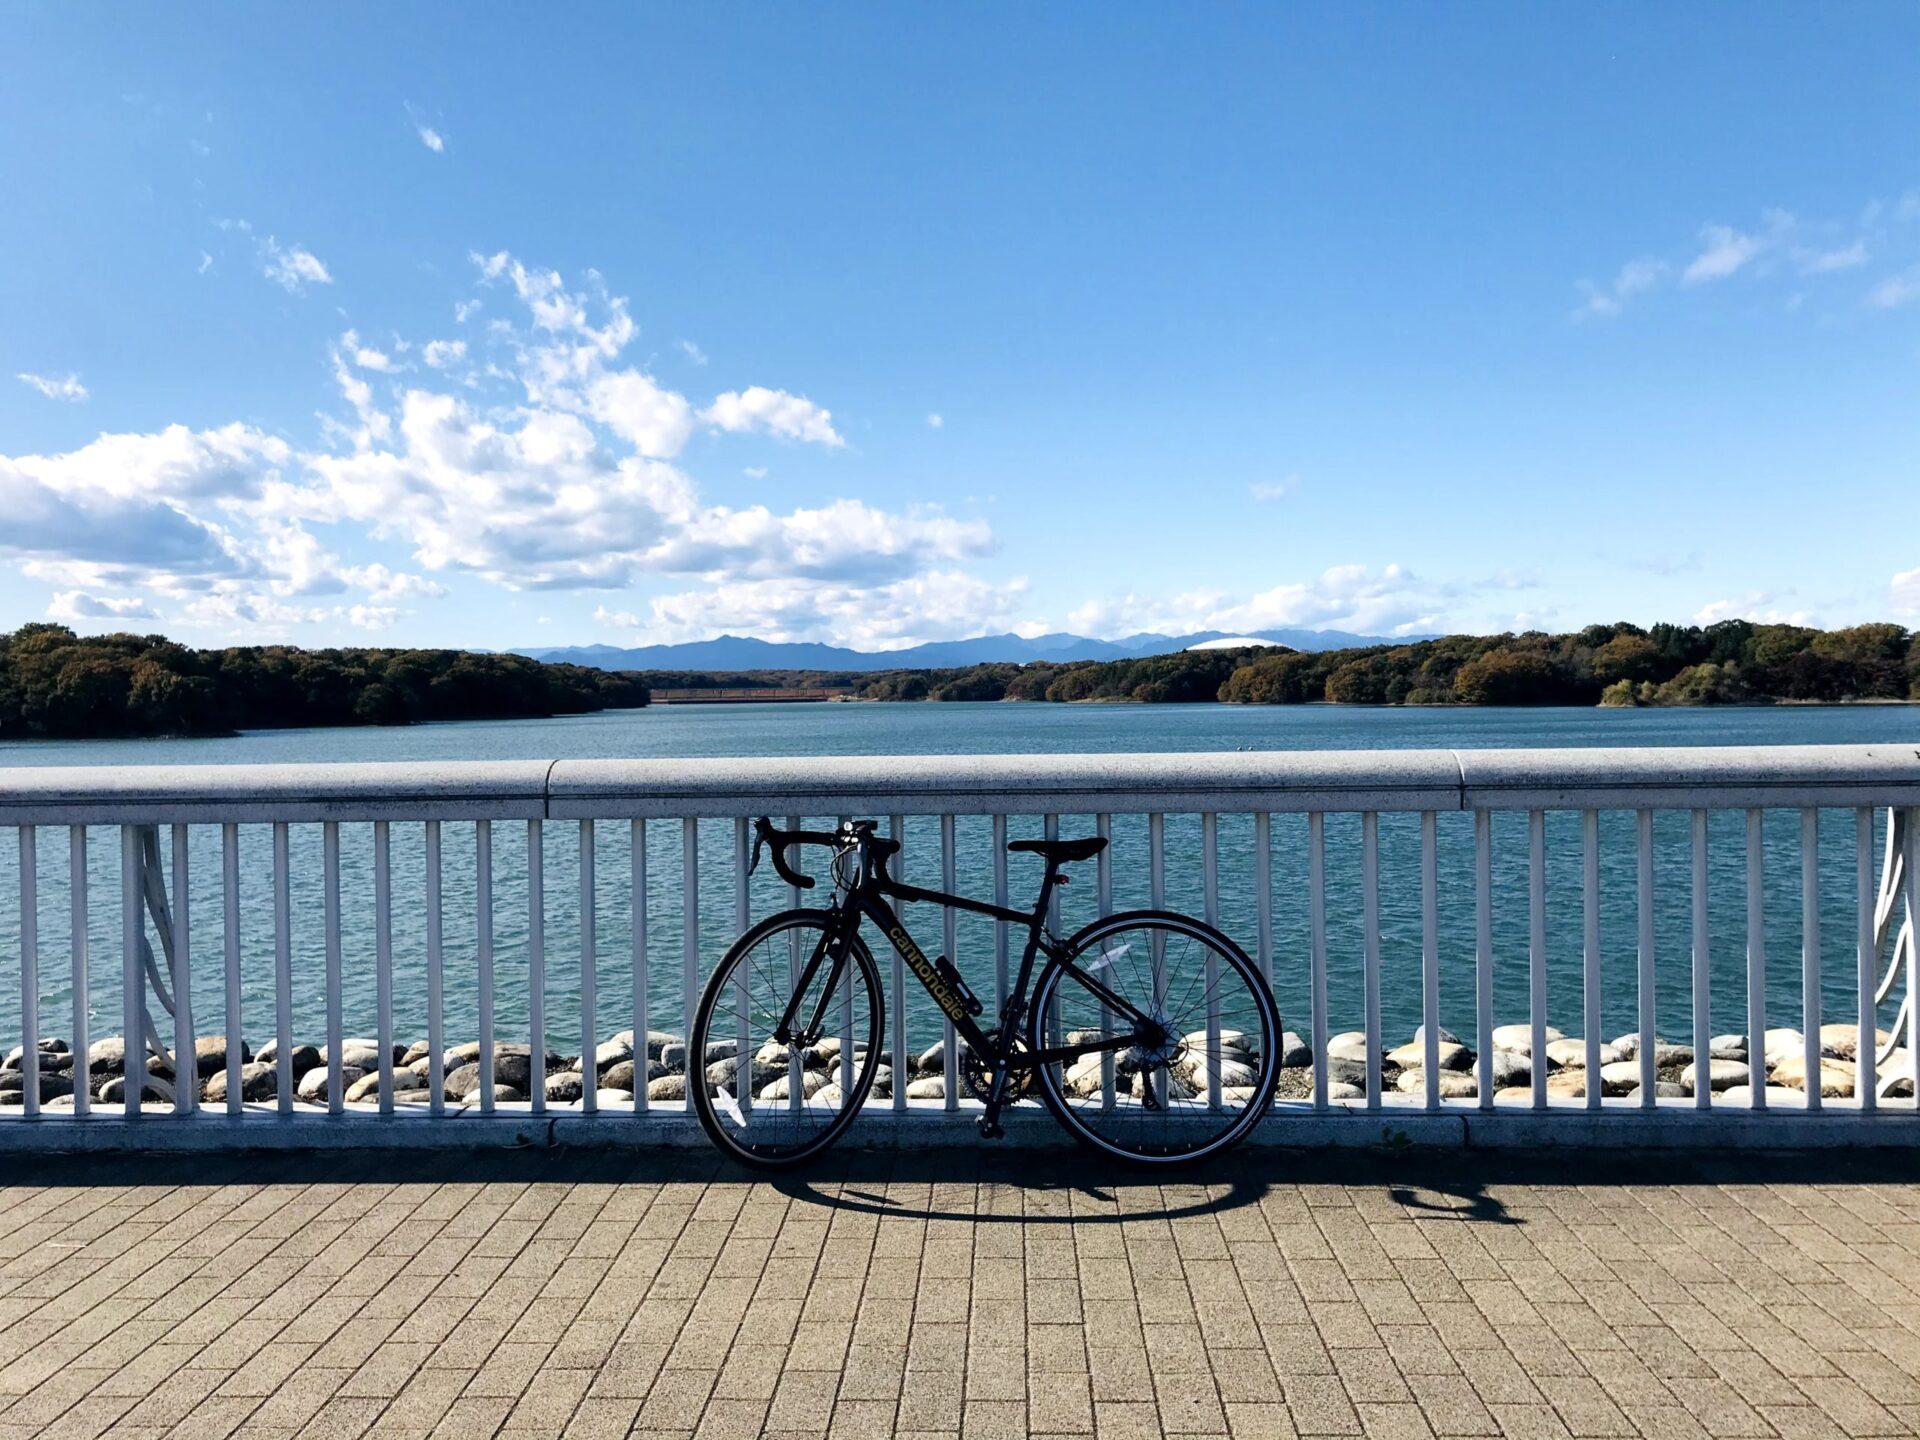 晴れた日の多摩湖とロードバイク